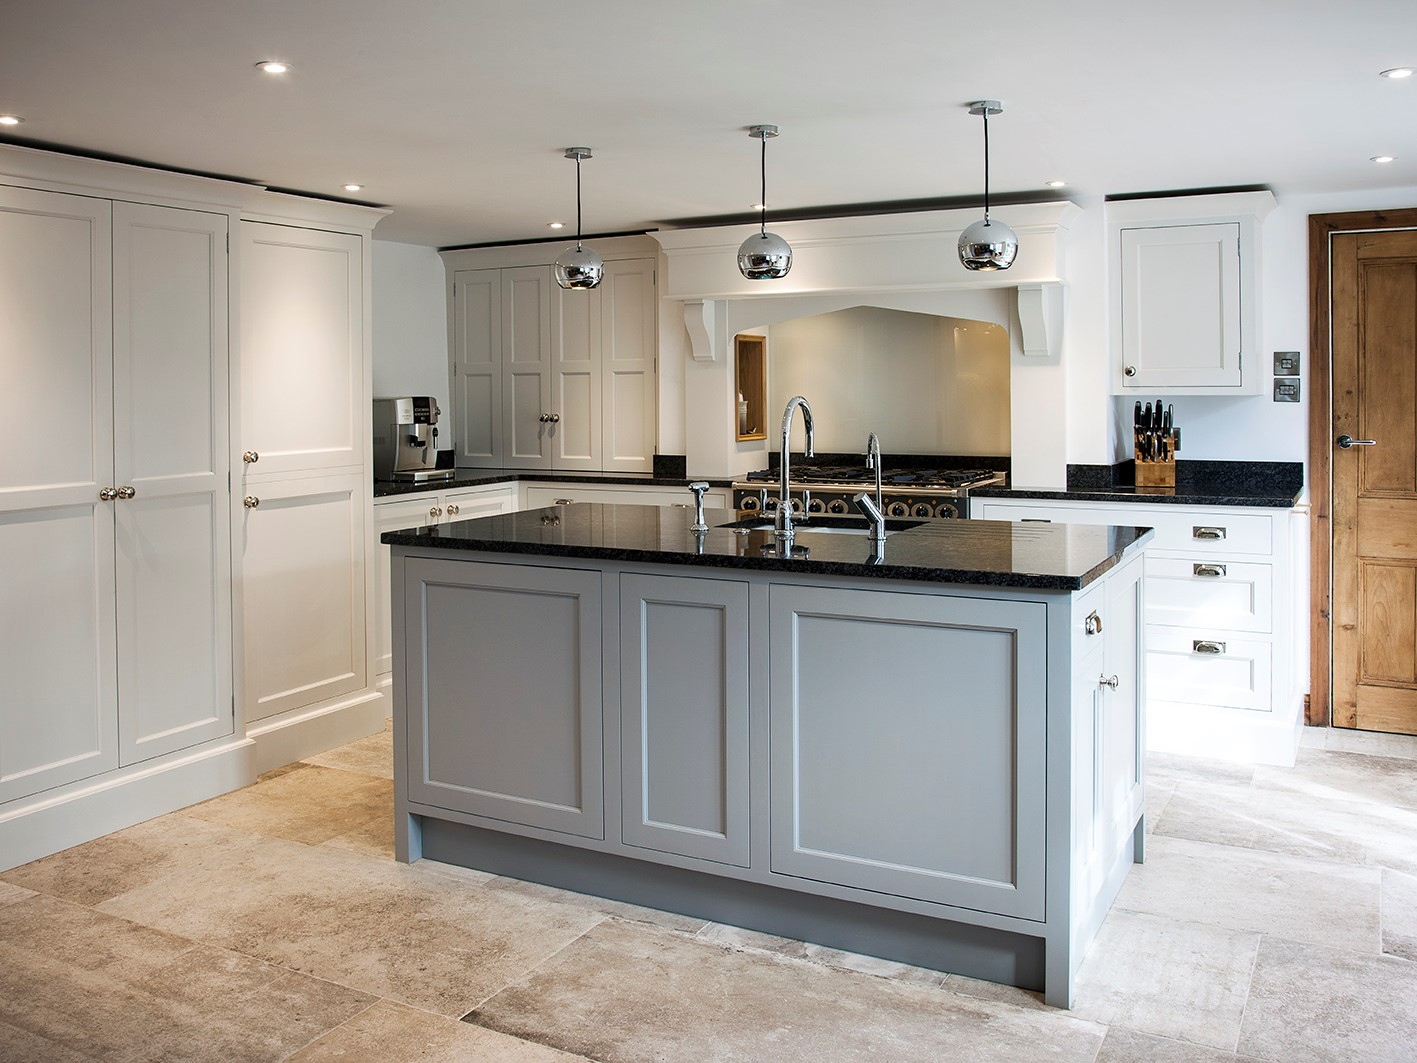 Bespoke Kitchens Chester, Kitchen Design Cheshire - Brownlow